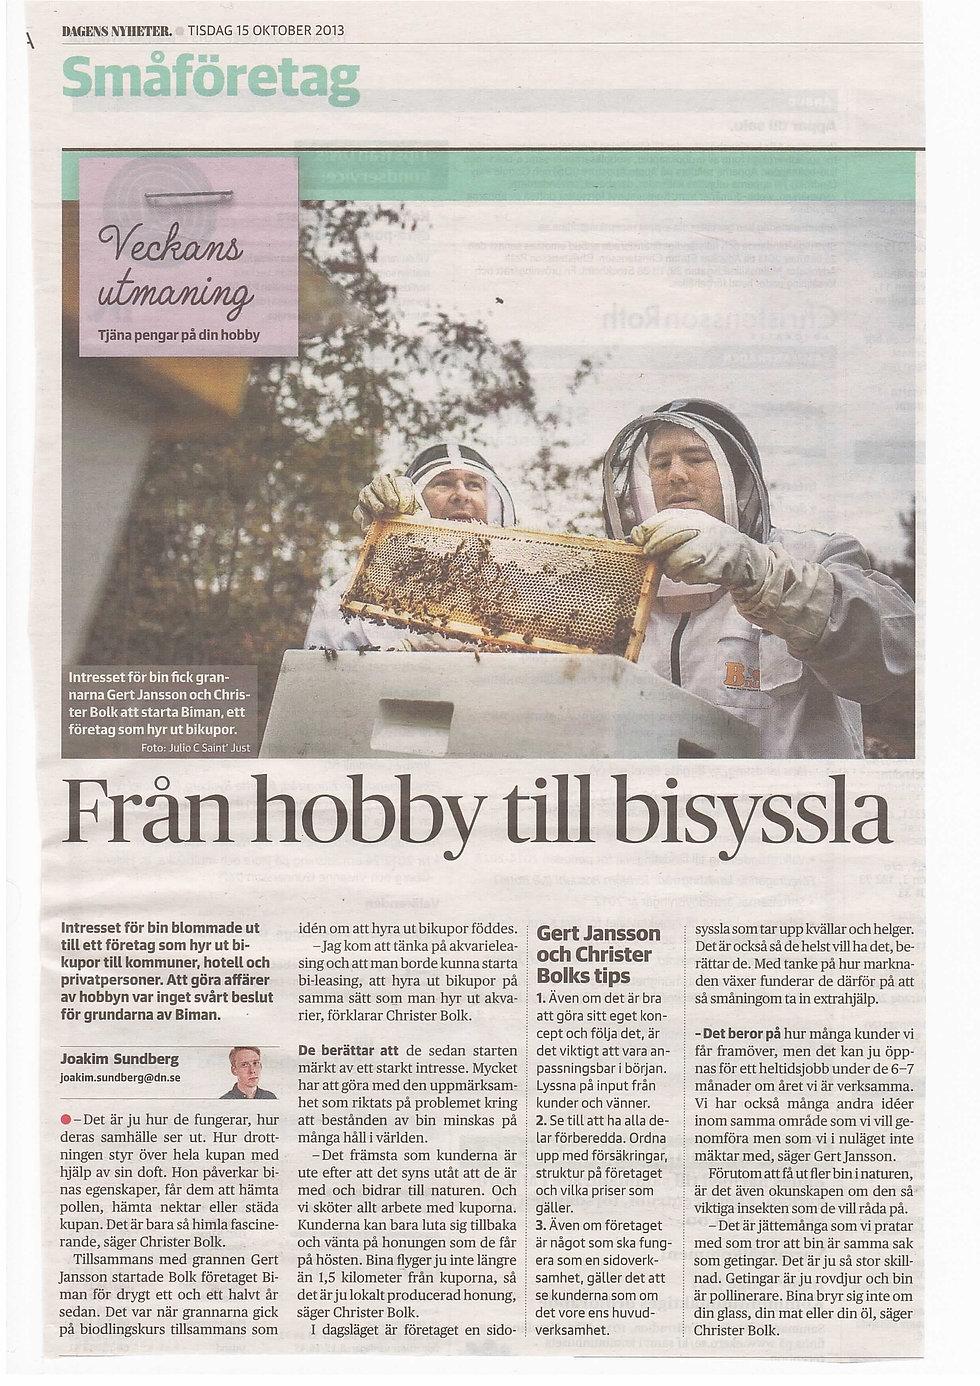 Artikel Dagens Nyheter 2013-10-15.jpg